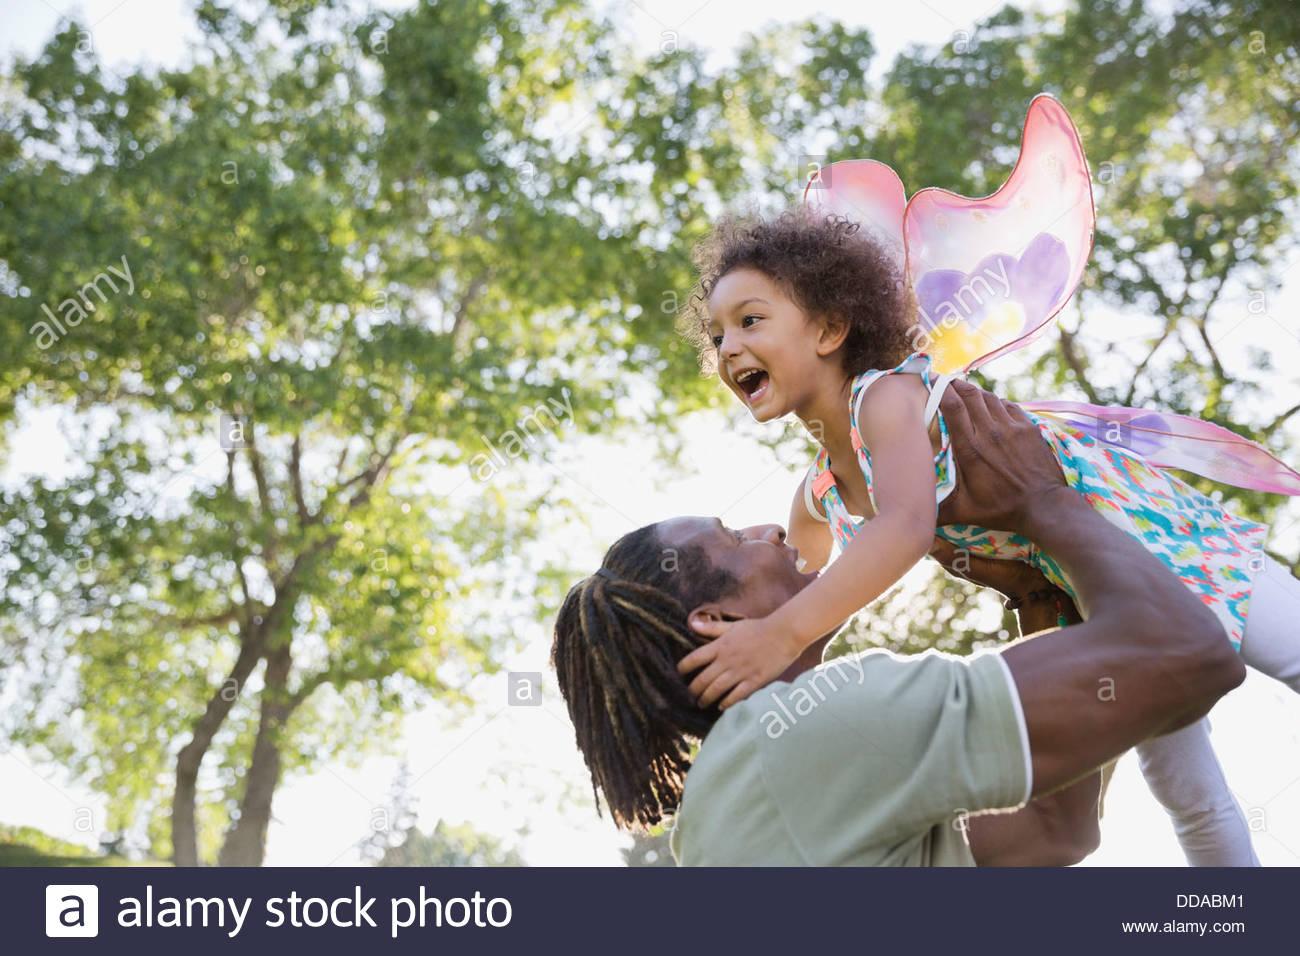 Alegre Hombre recogiendo hija afuera Imagen De Stock